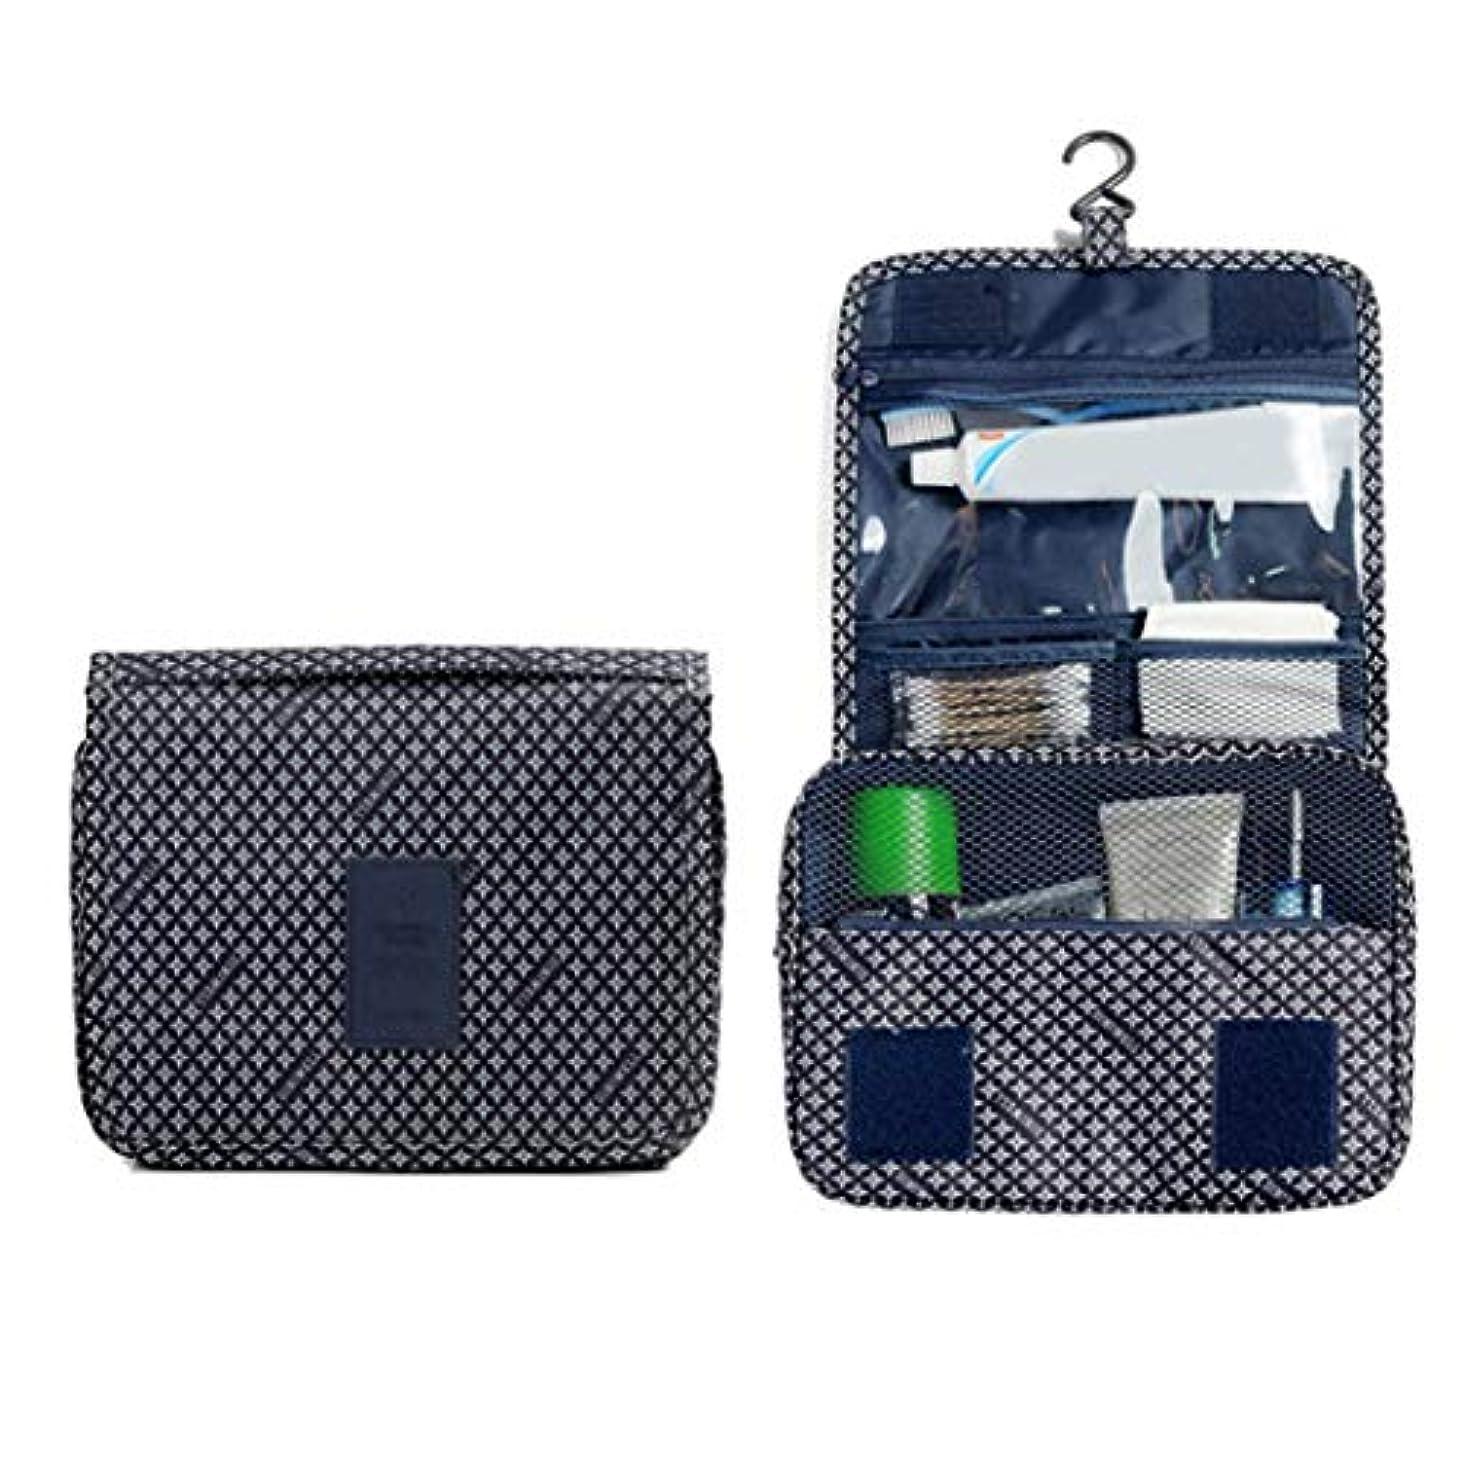 限りループ手錠Wadachikis 例外的な女性ジッパーハンギング防水旅行トイレタリーの洗浄化粧品オーガナイザーバッグバッグ(None Picture Color)